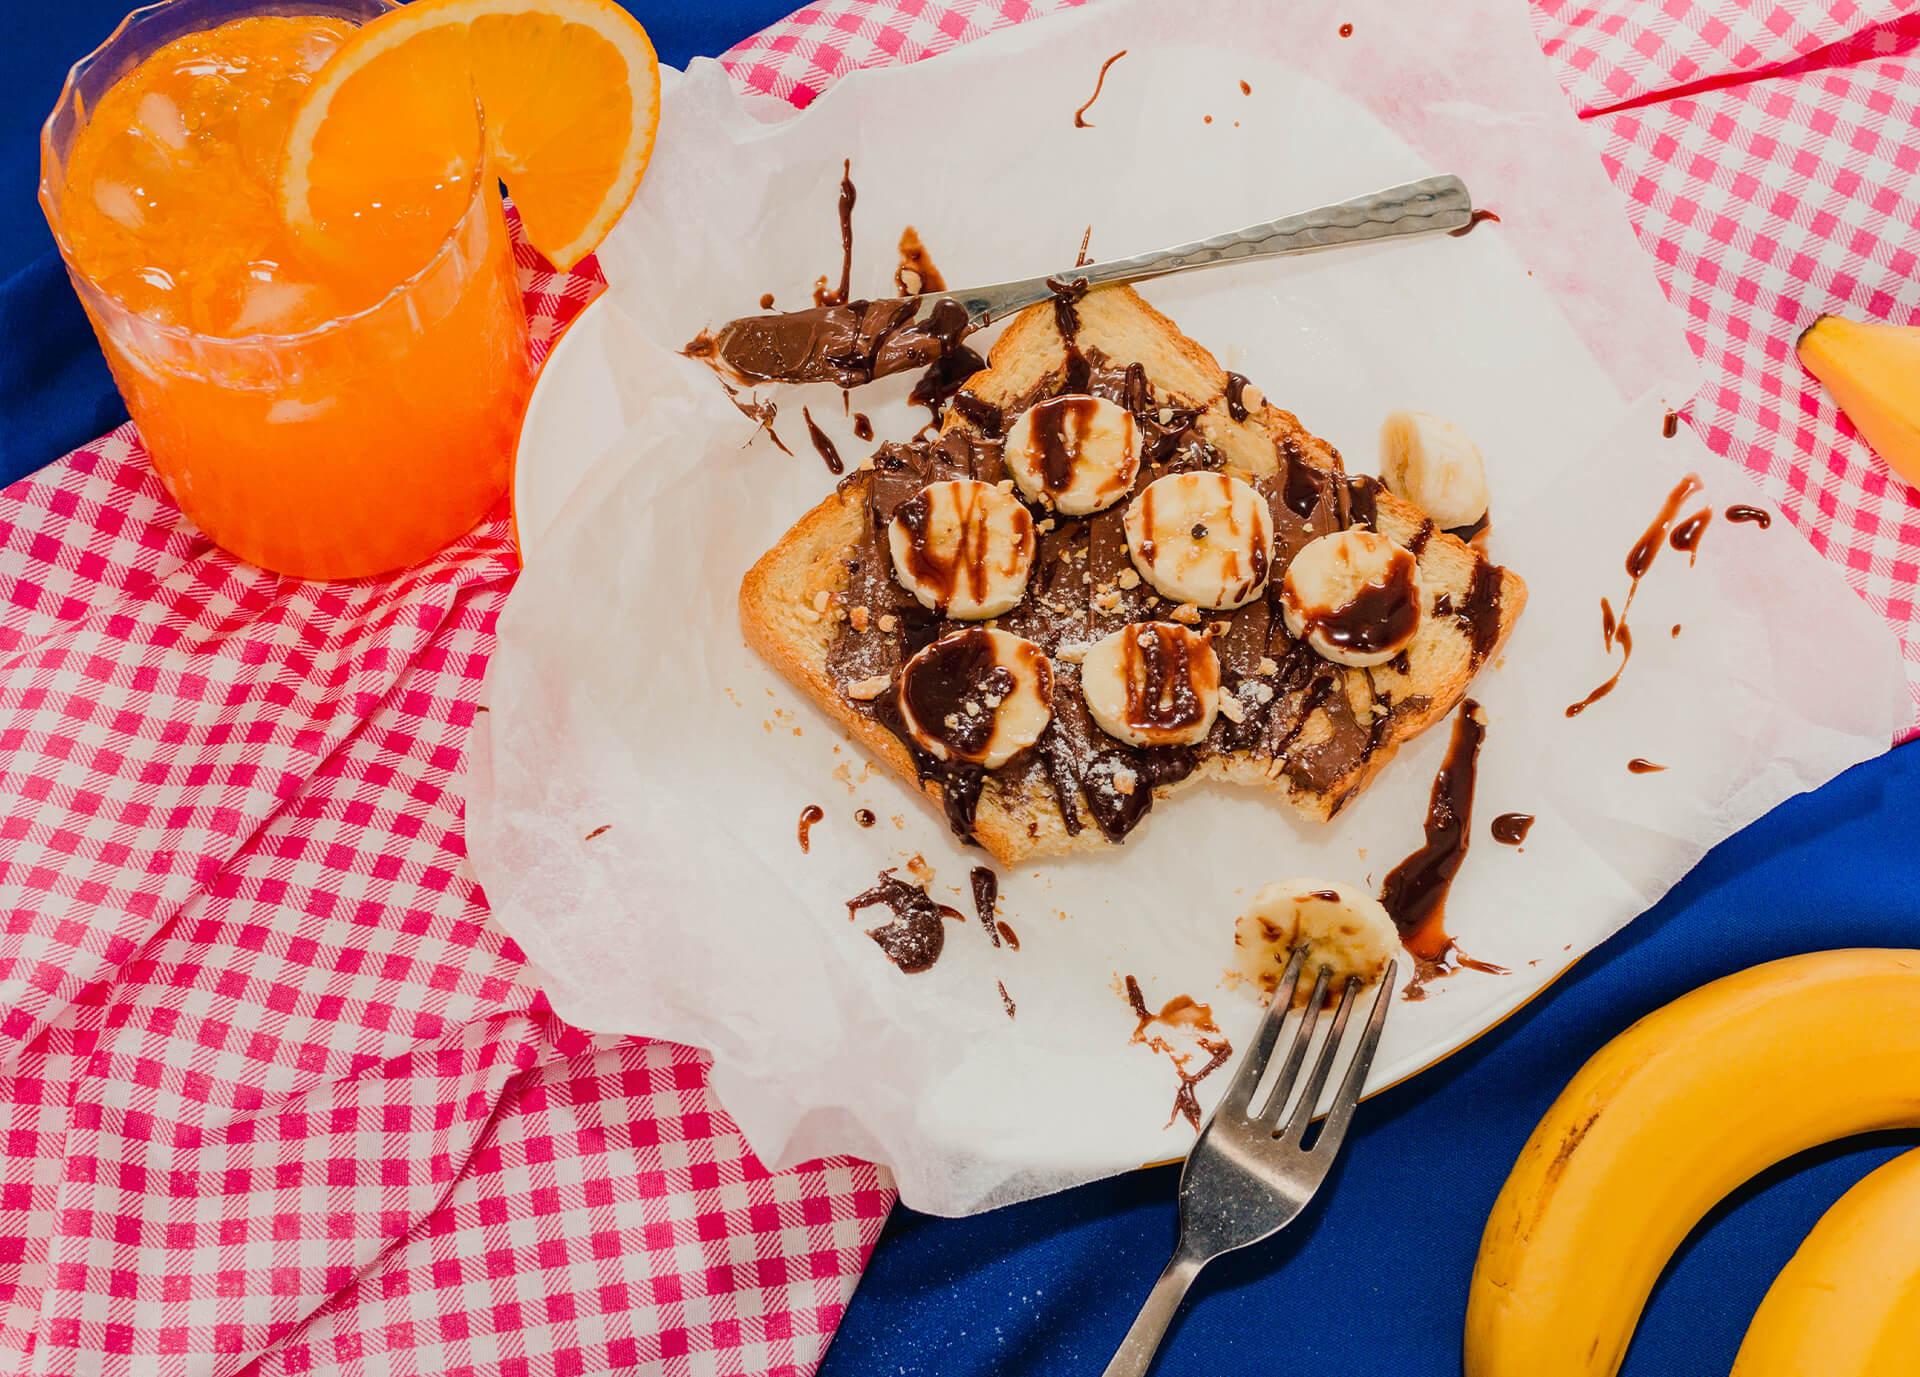 Chocolate Banana food photograph